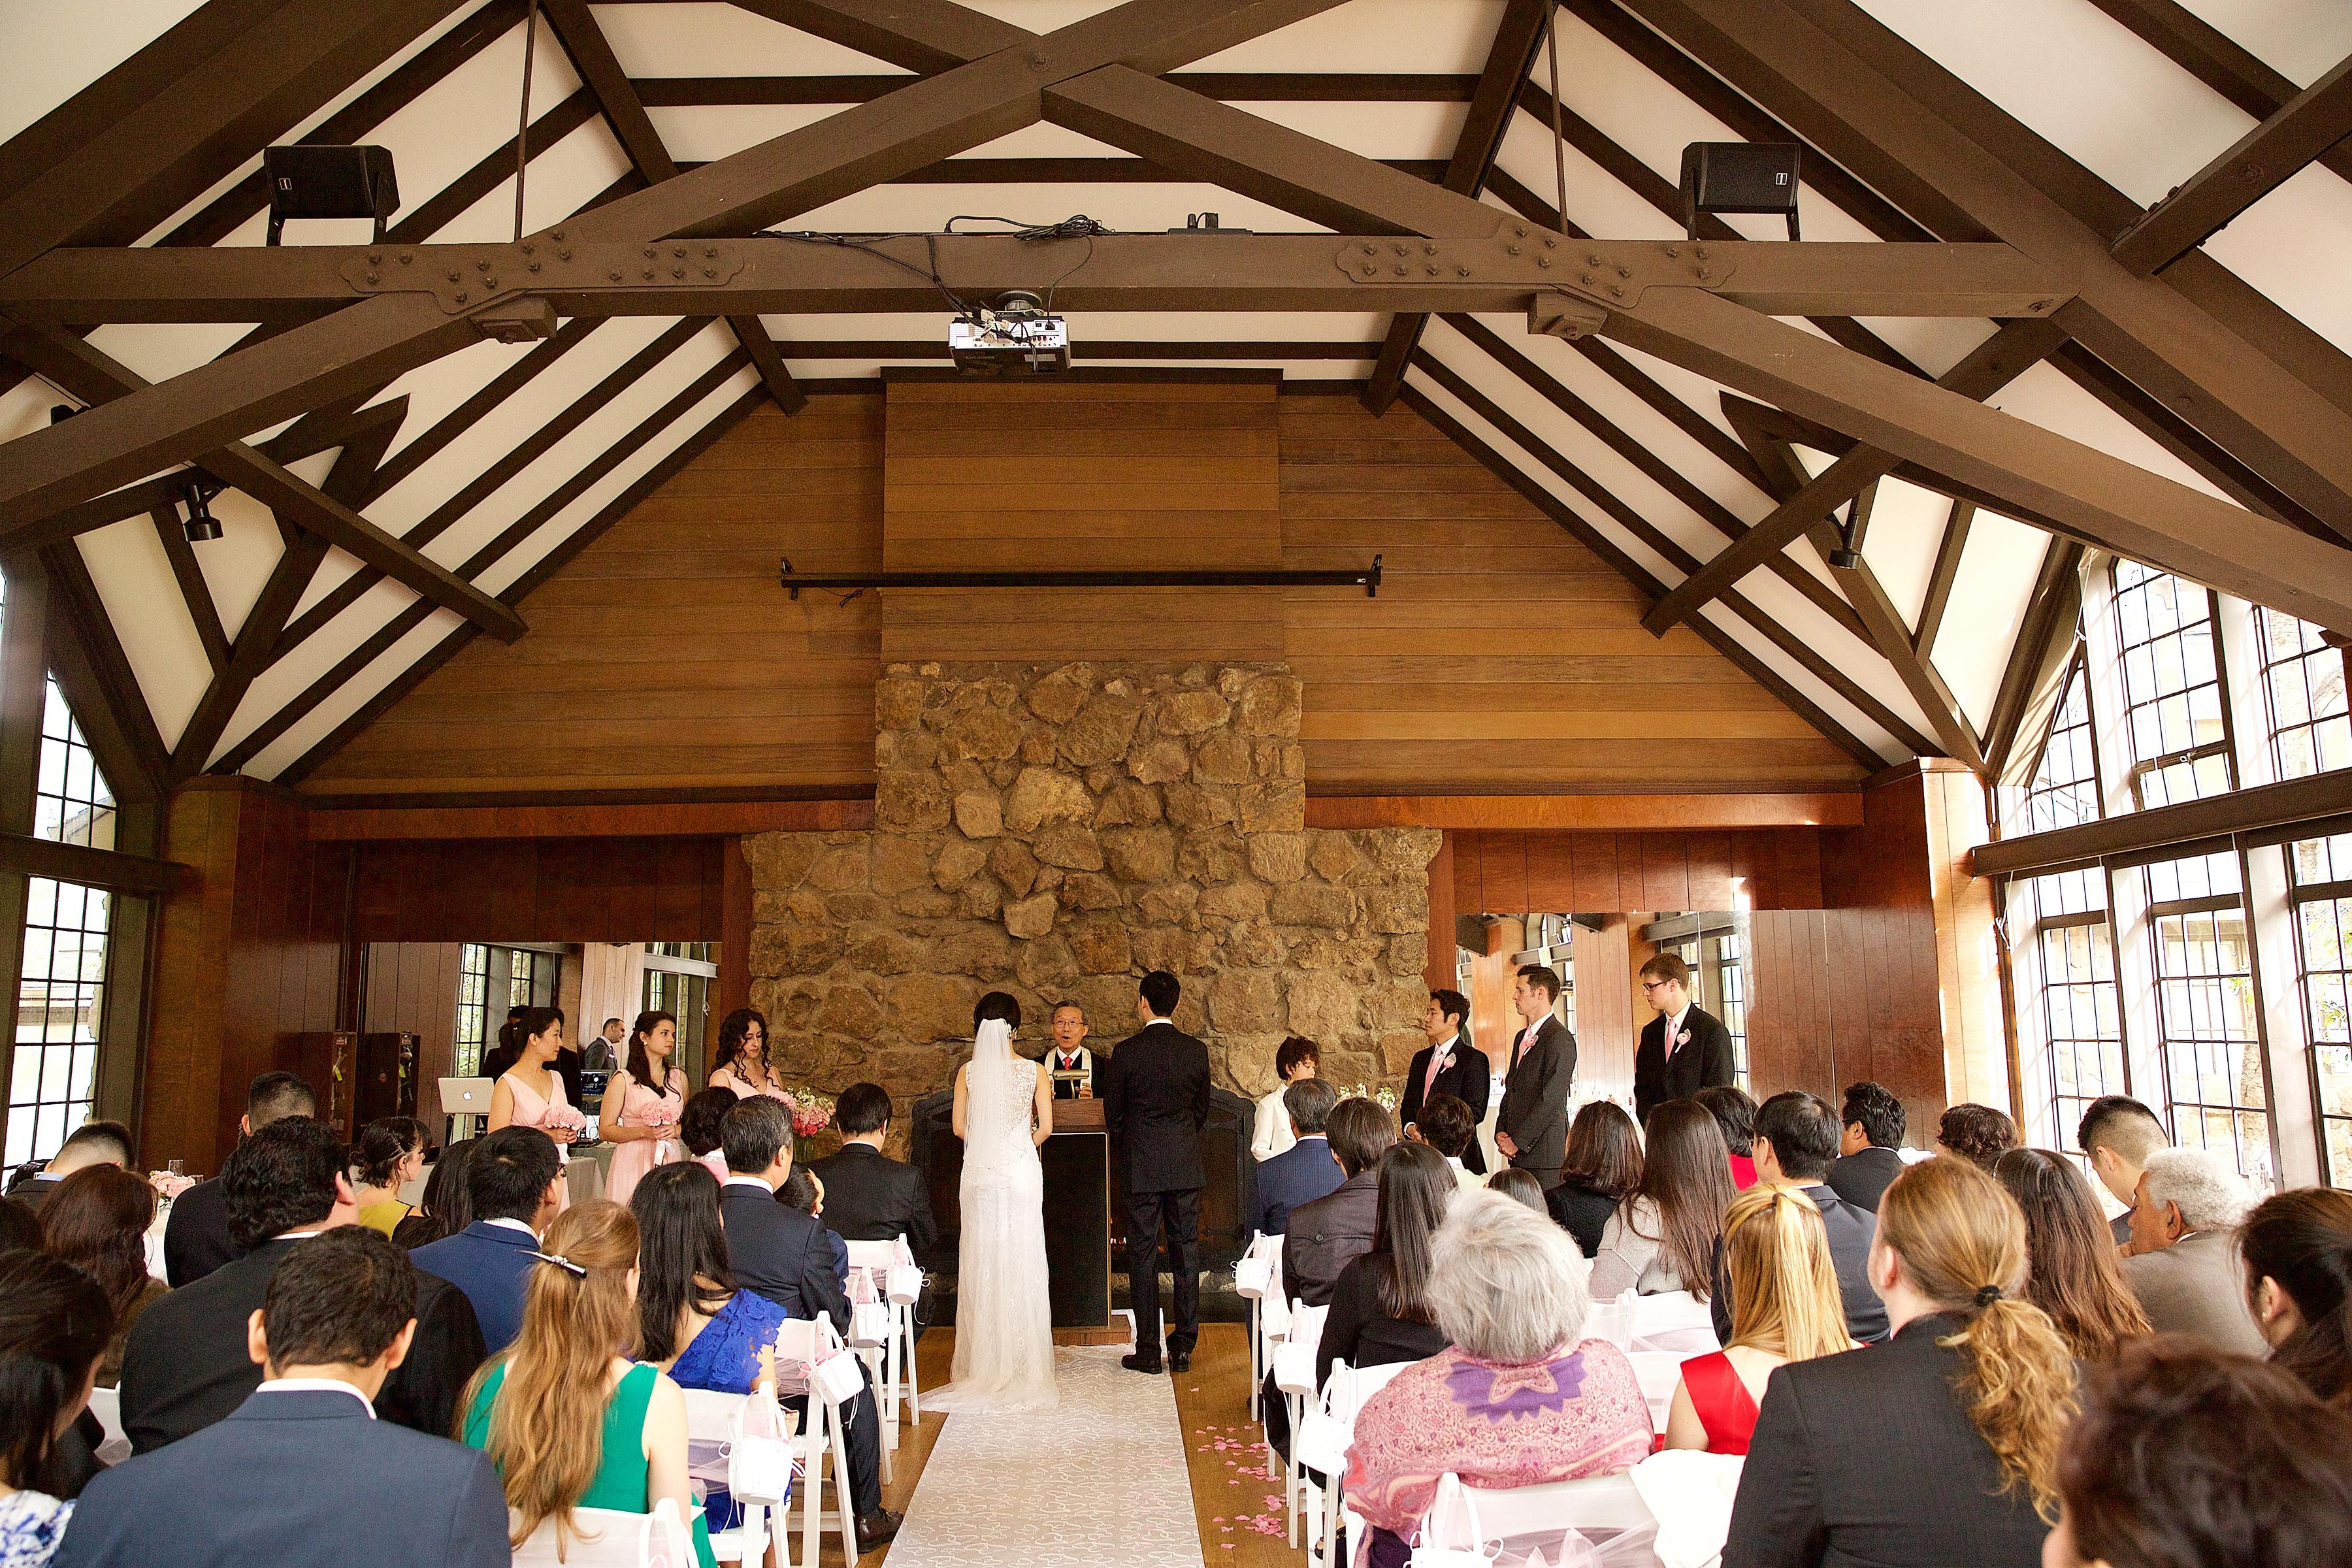 Beautiful December Wedding At The Brazilian Room Tilden Park In Berkeley 48